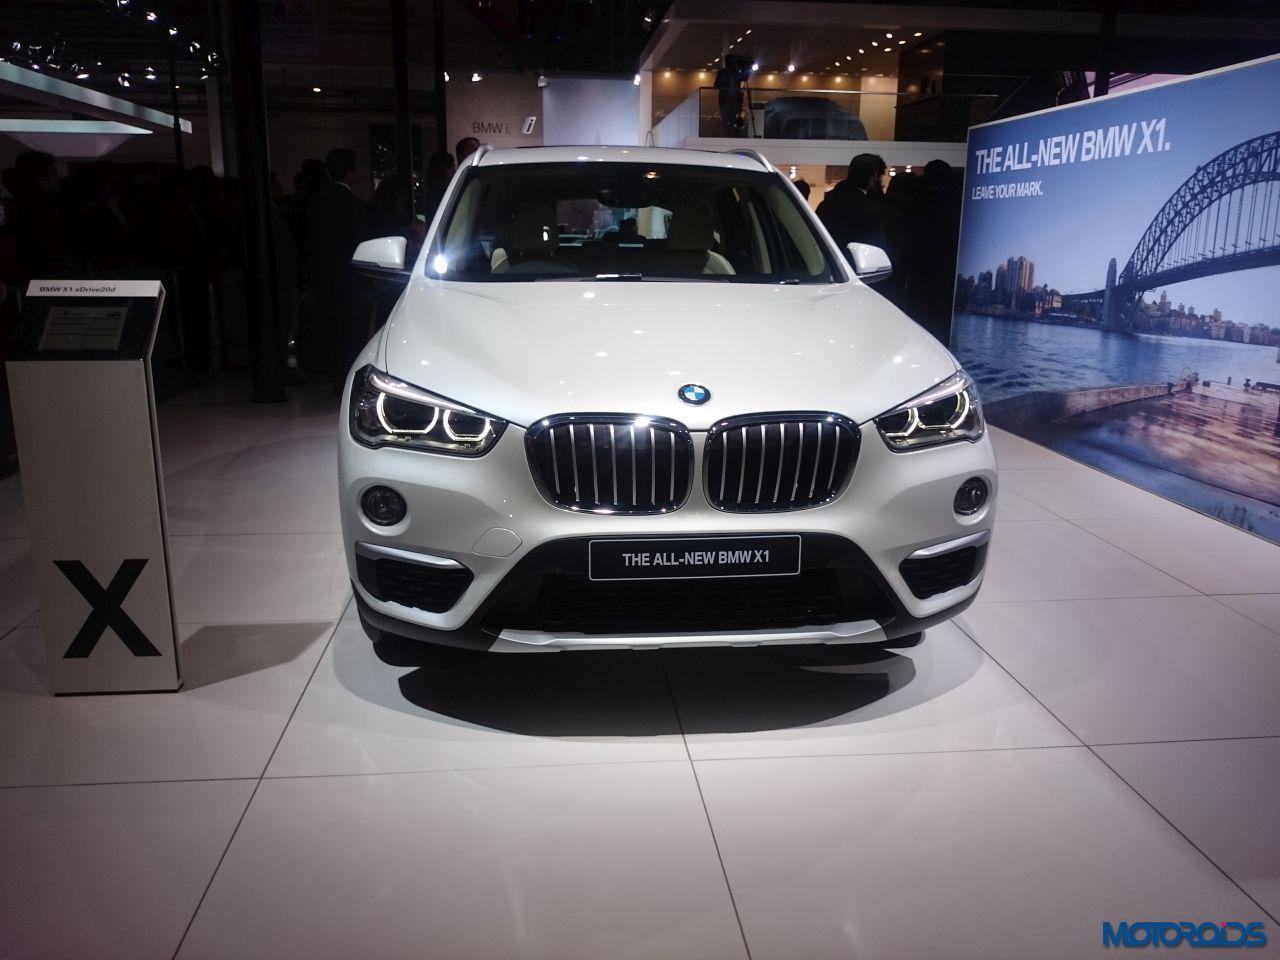 New BMW X1 Auto Expo 2016